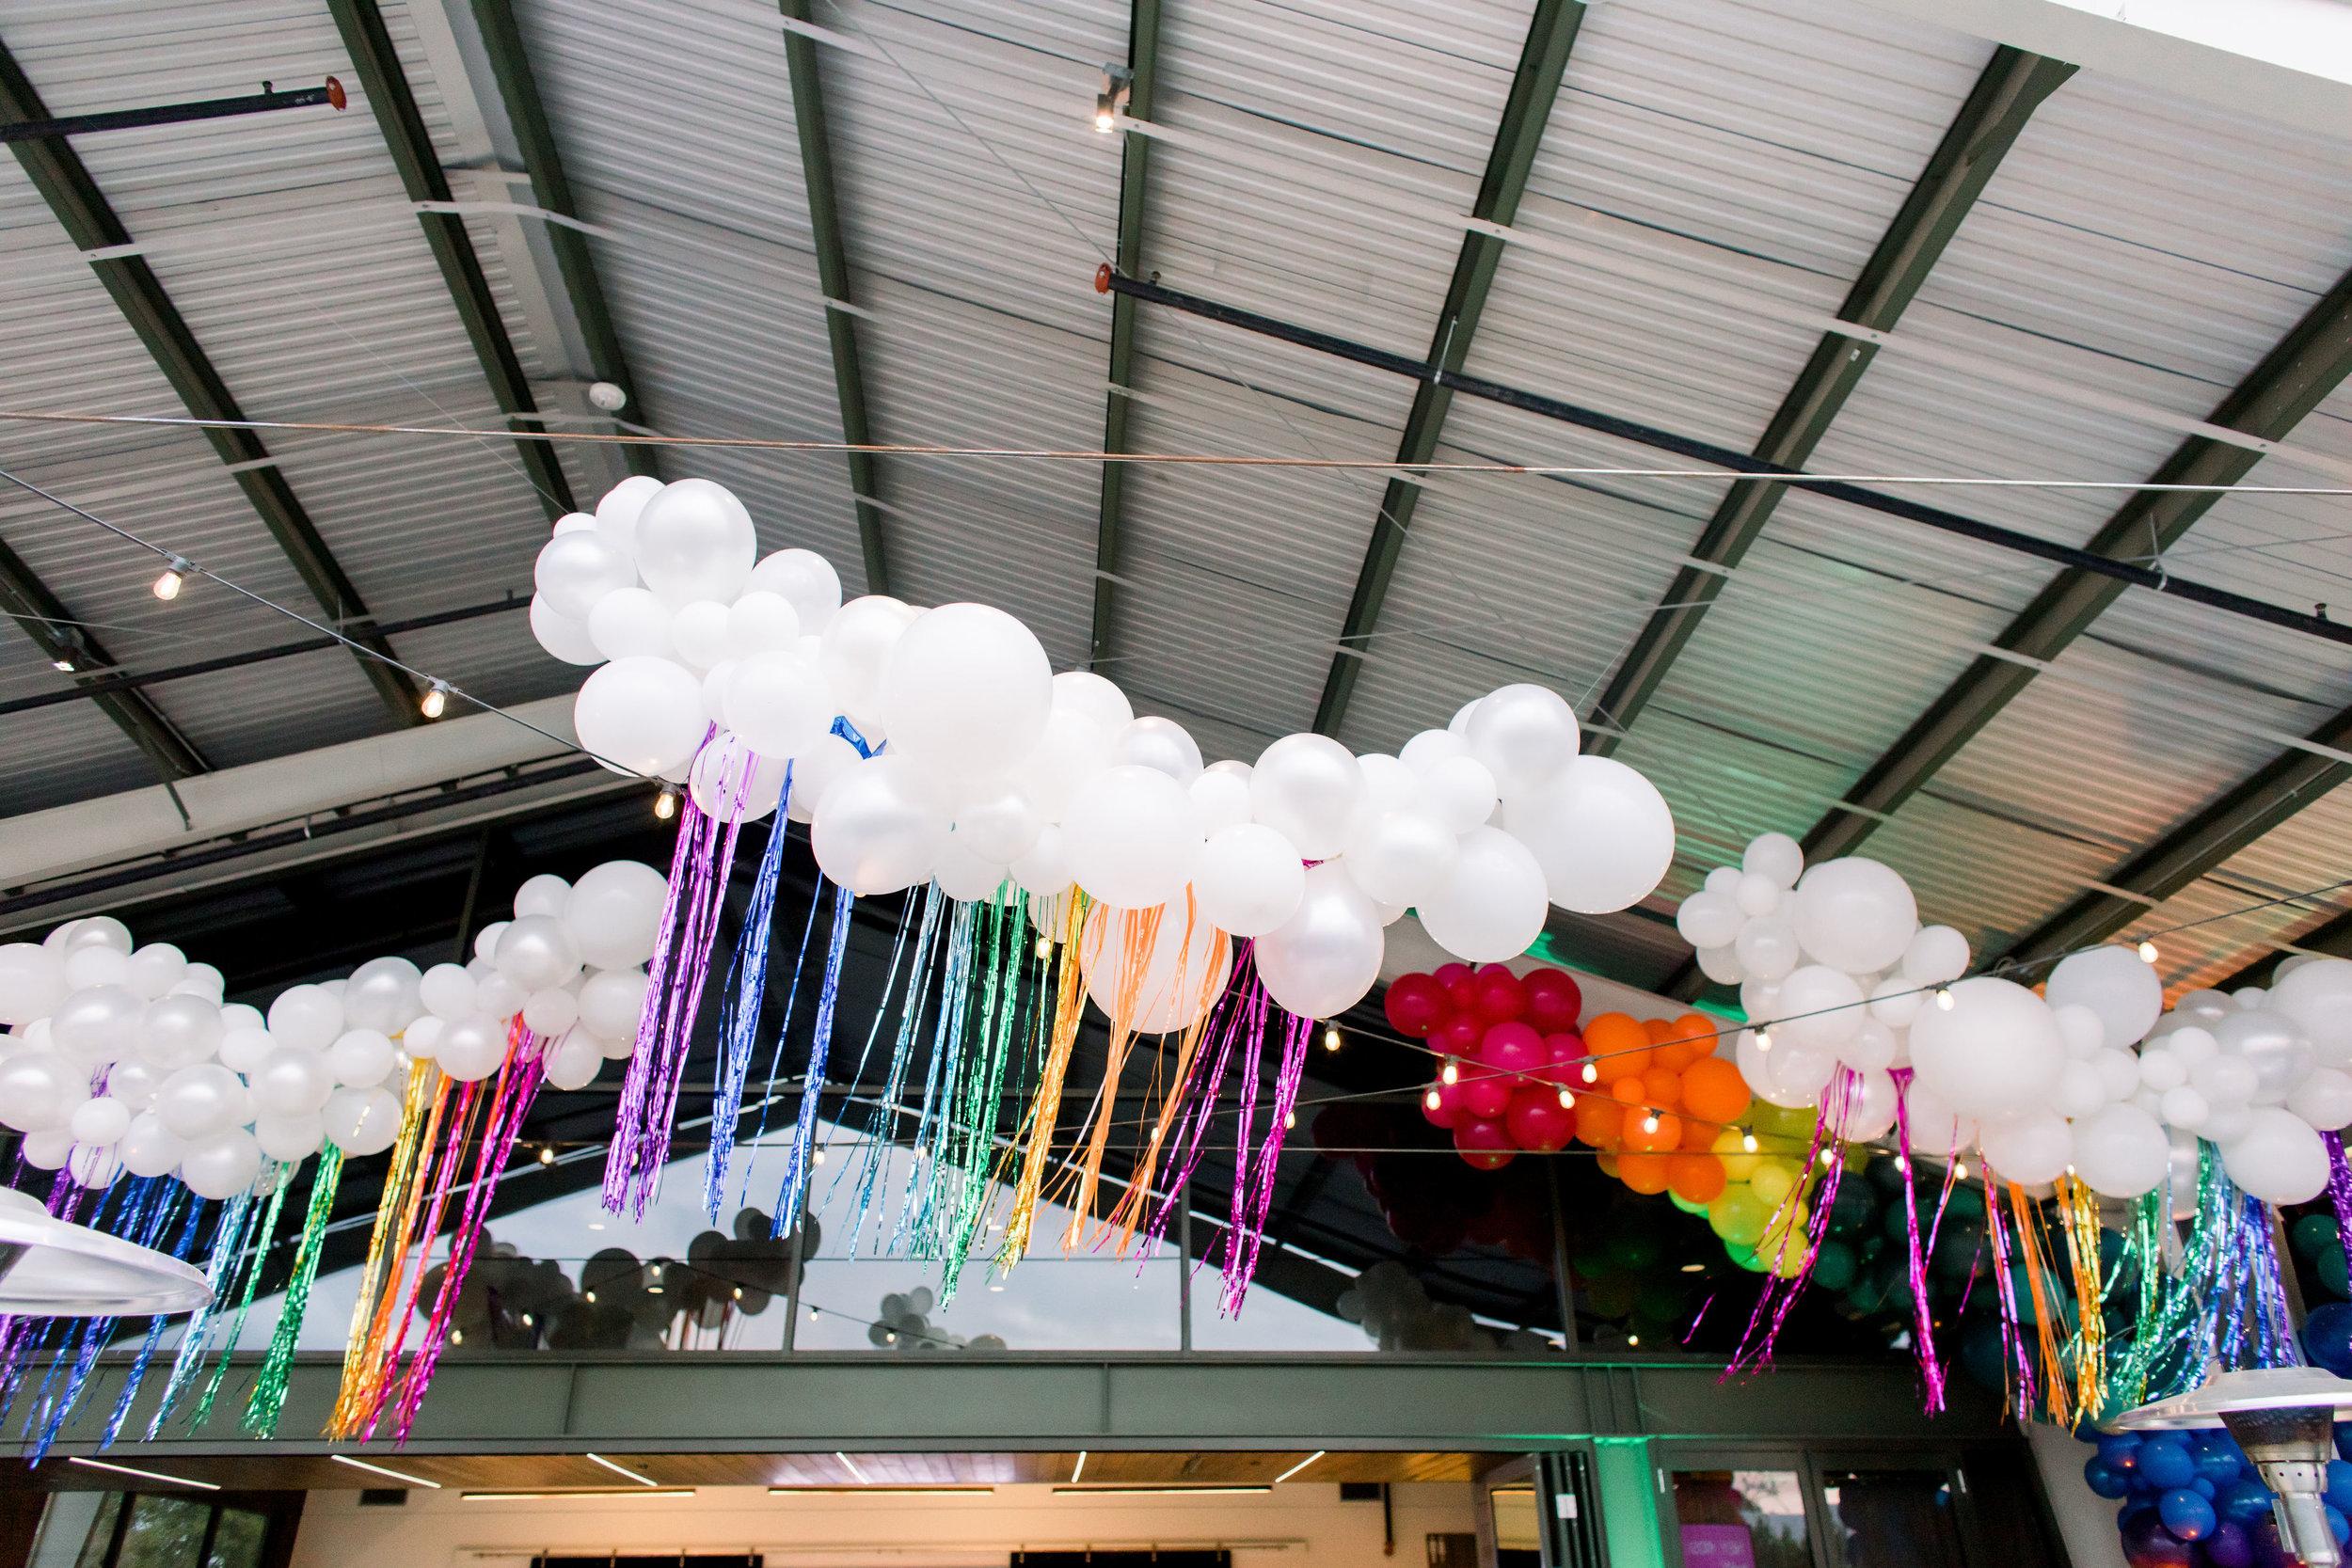 13 balloon cloud rainbow streamers rainbow bat mitzvah party Life Design Events photos by Stephanie Heymann Photography.jpg